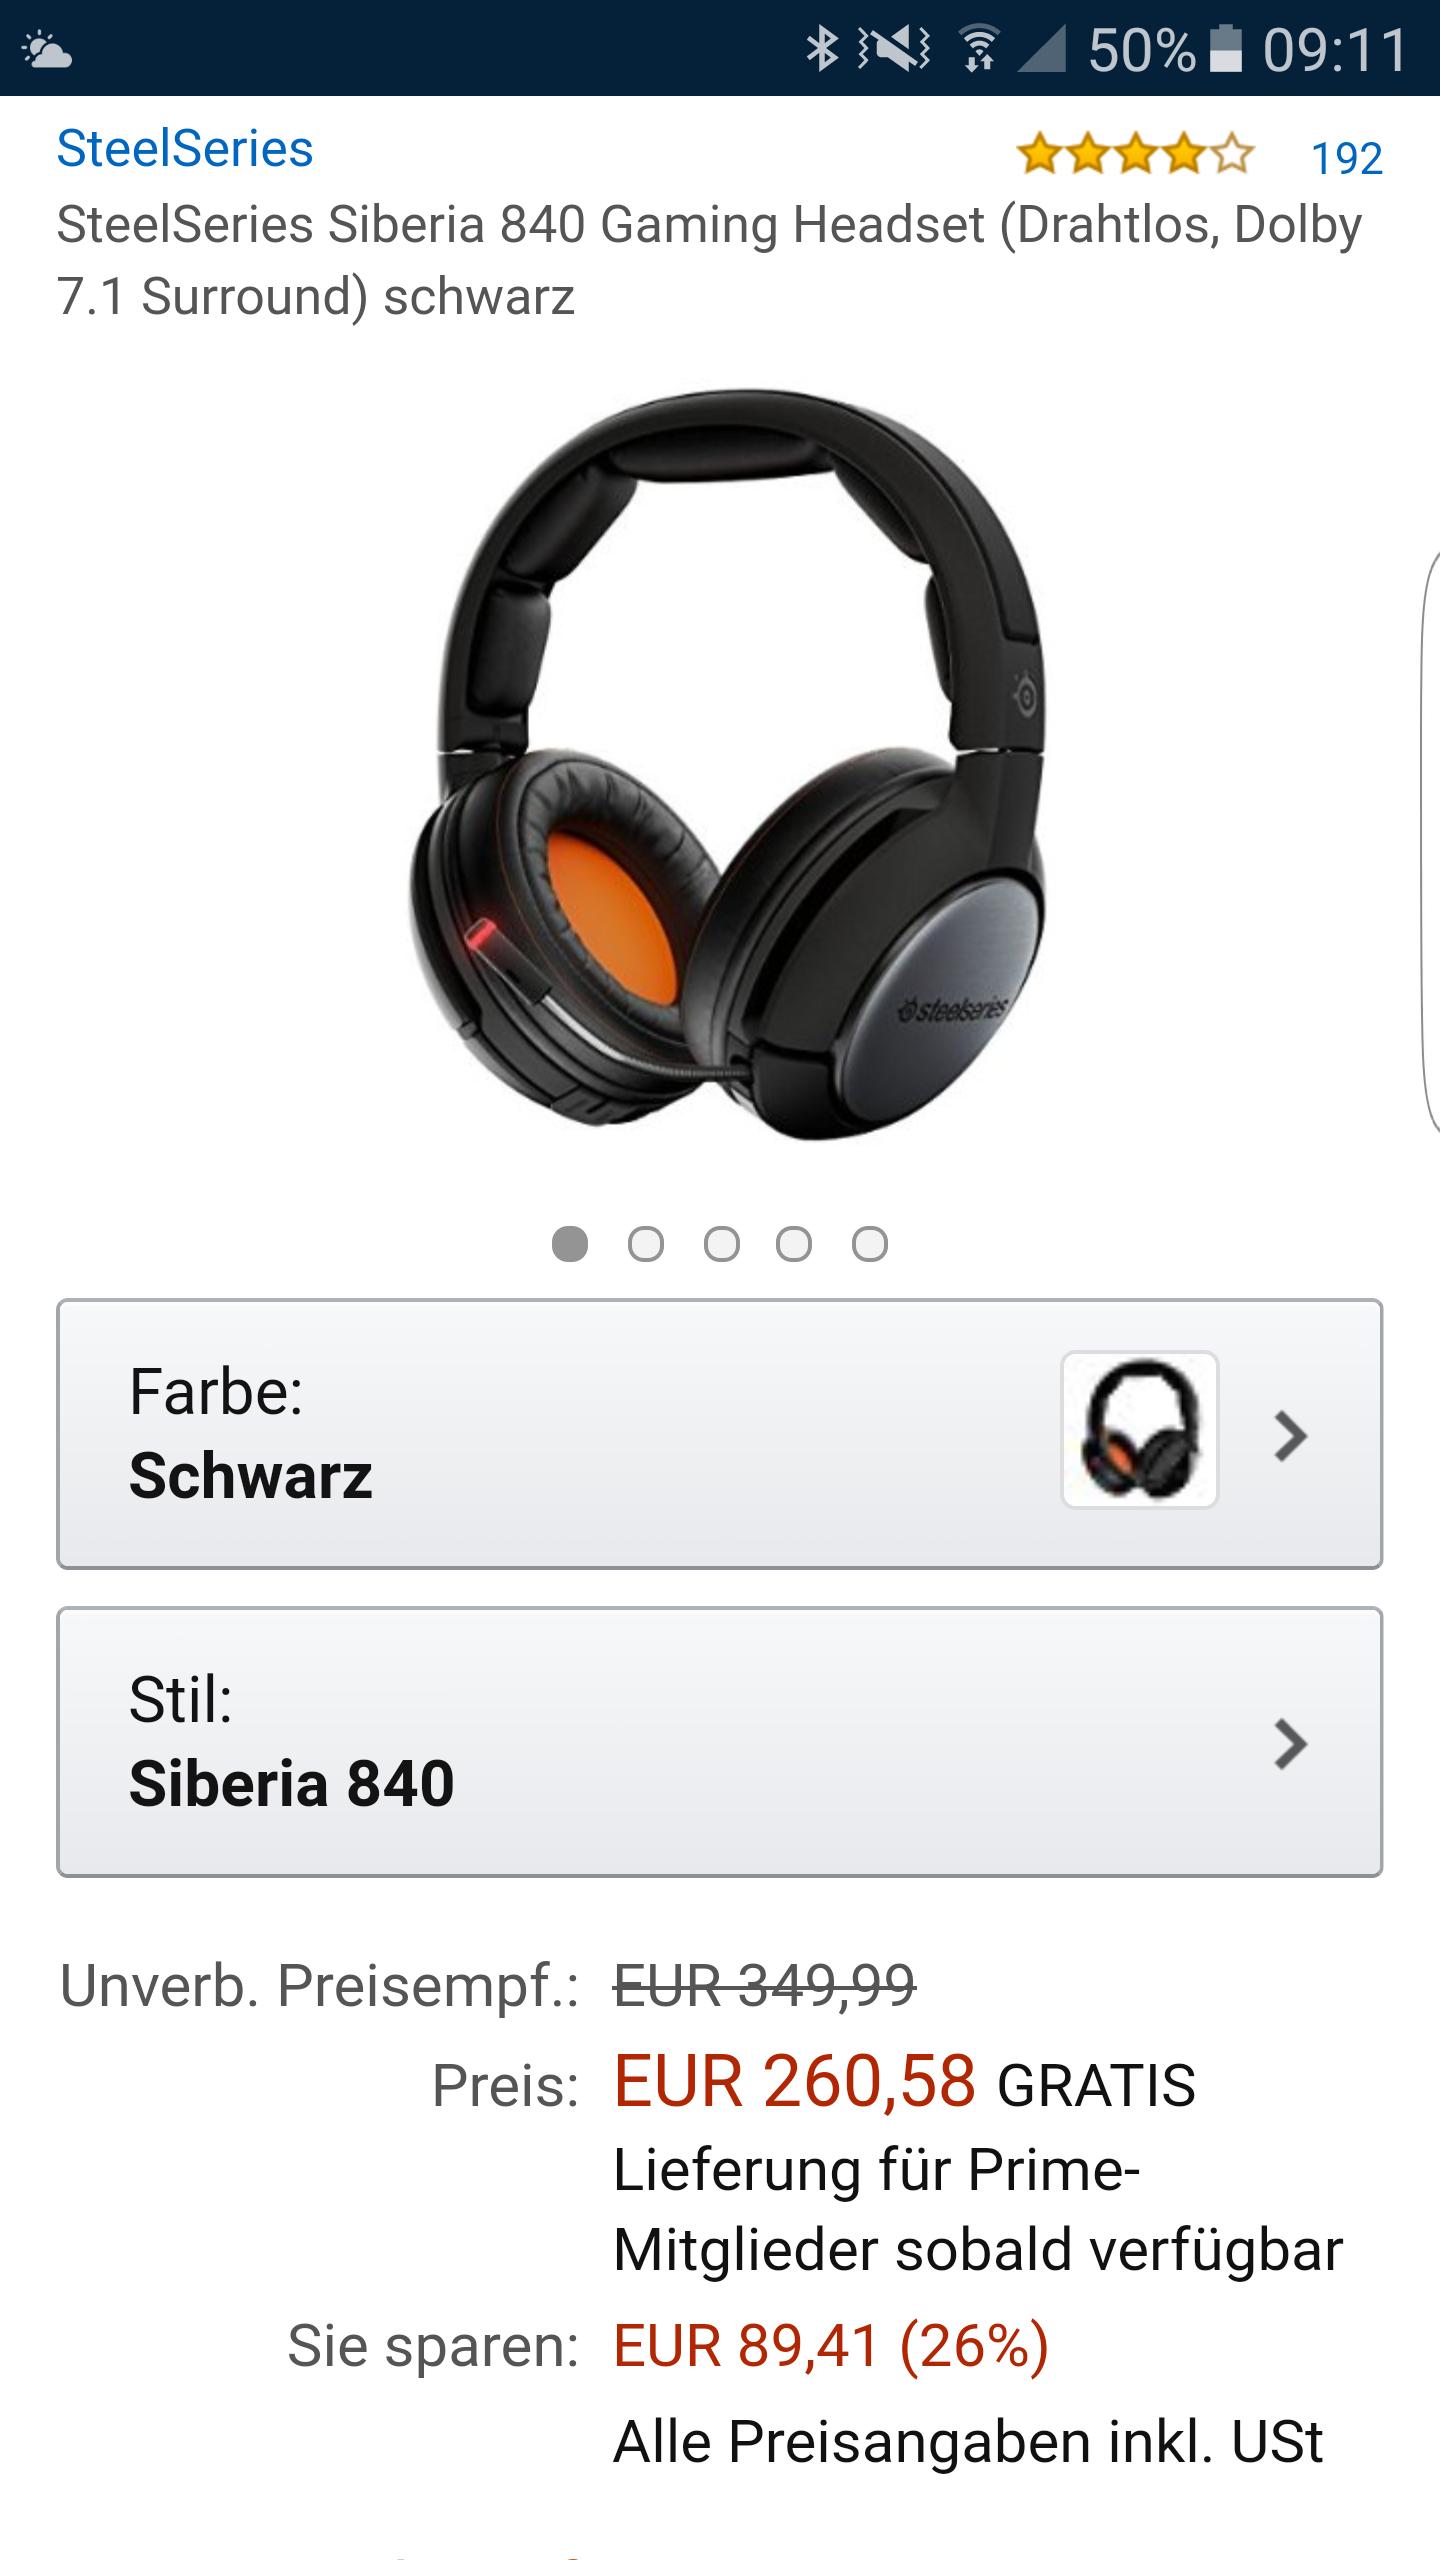 SteelSeries Siberia 840 Gaming Headset